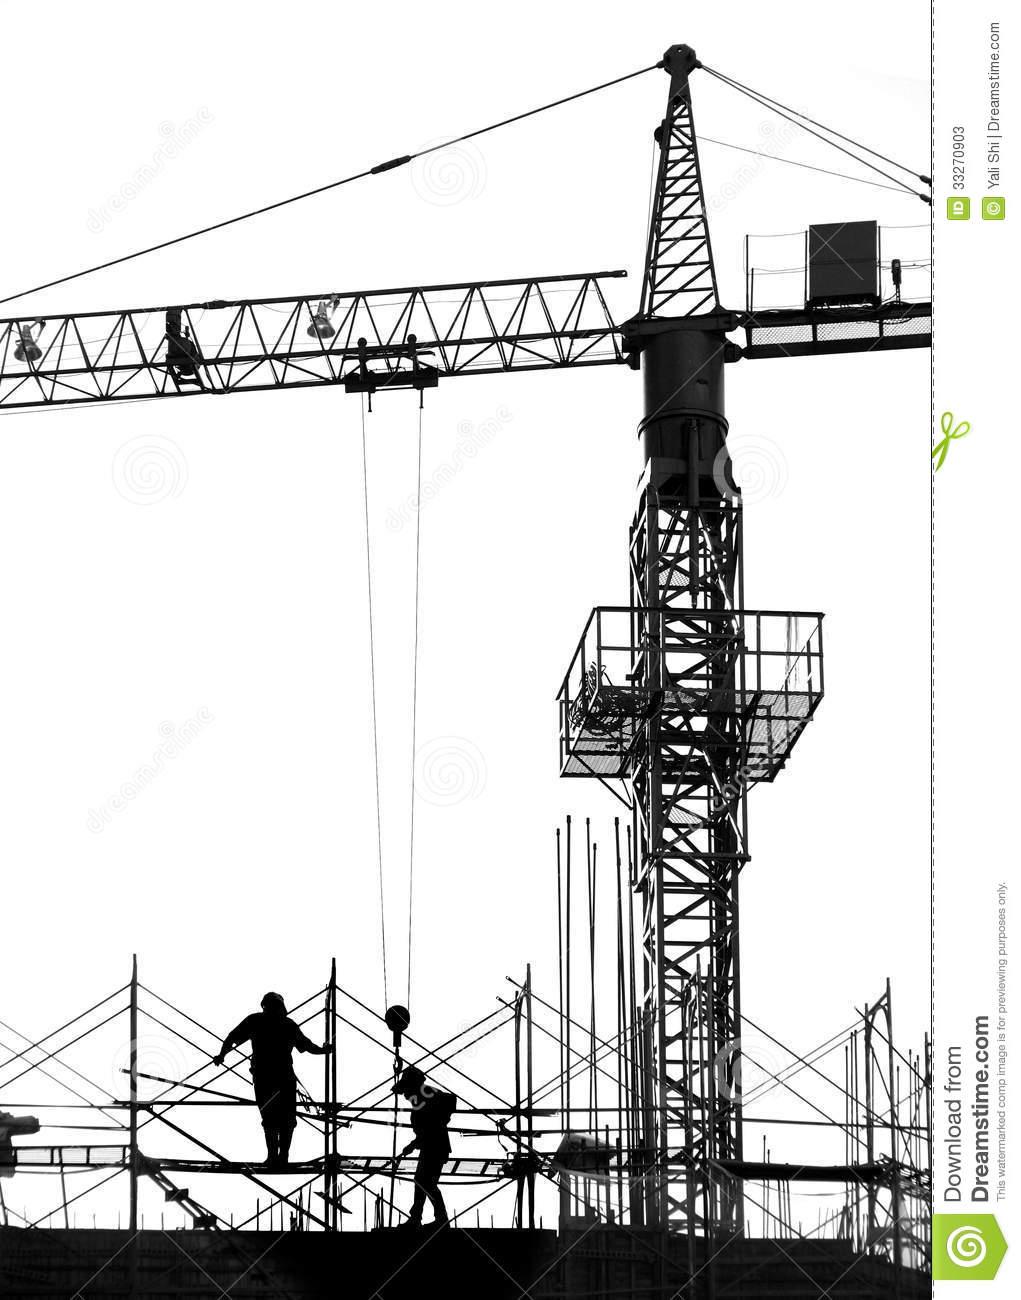 Building construction site clipart clipart royalty free Building construction site clipart - ClipartFest clipart royalty free